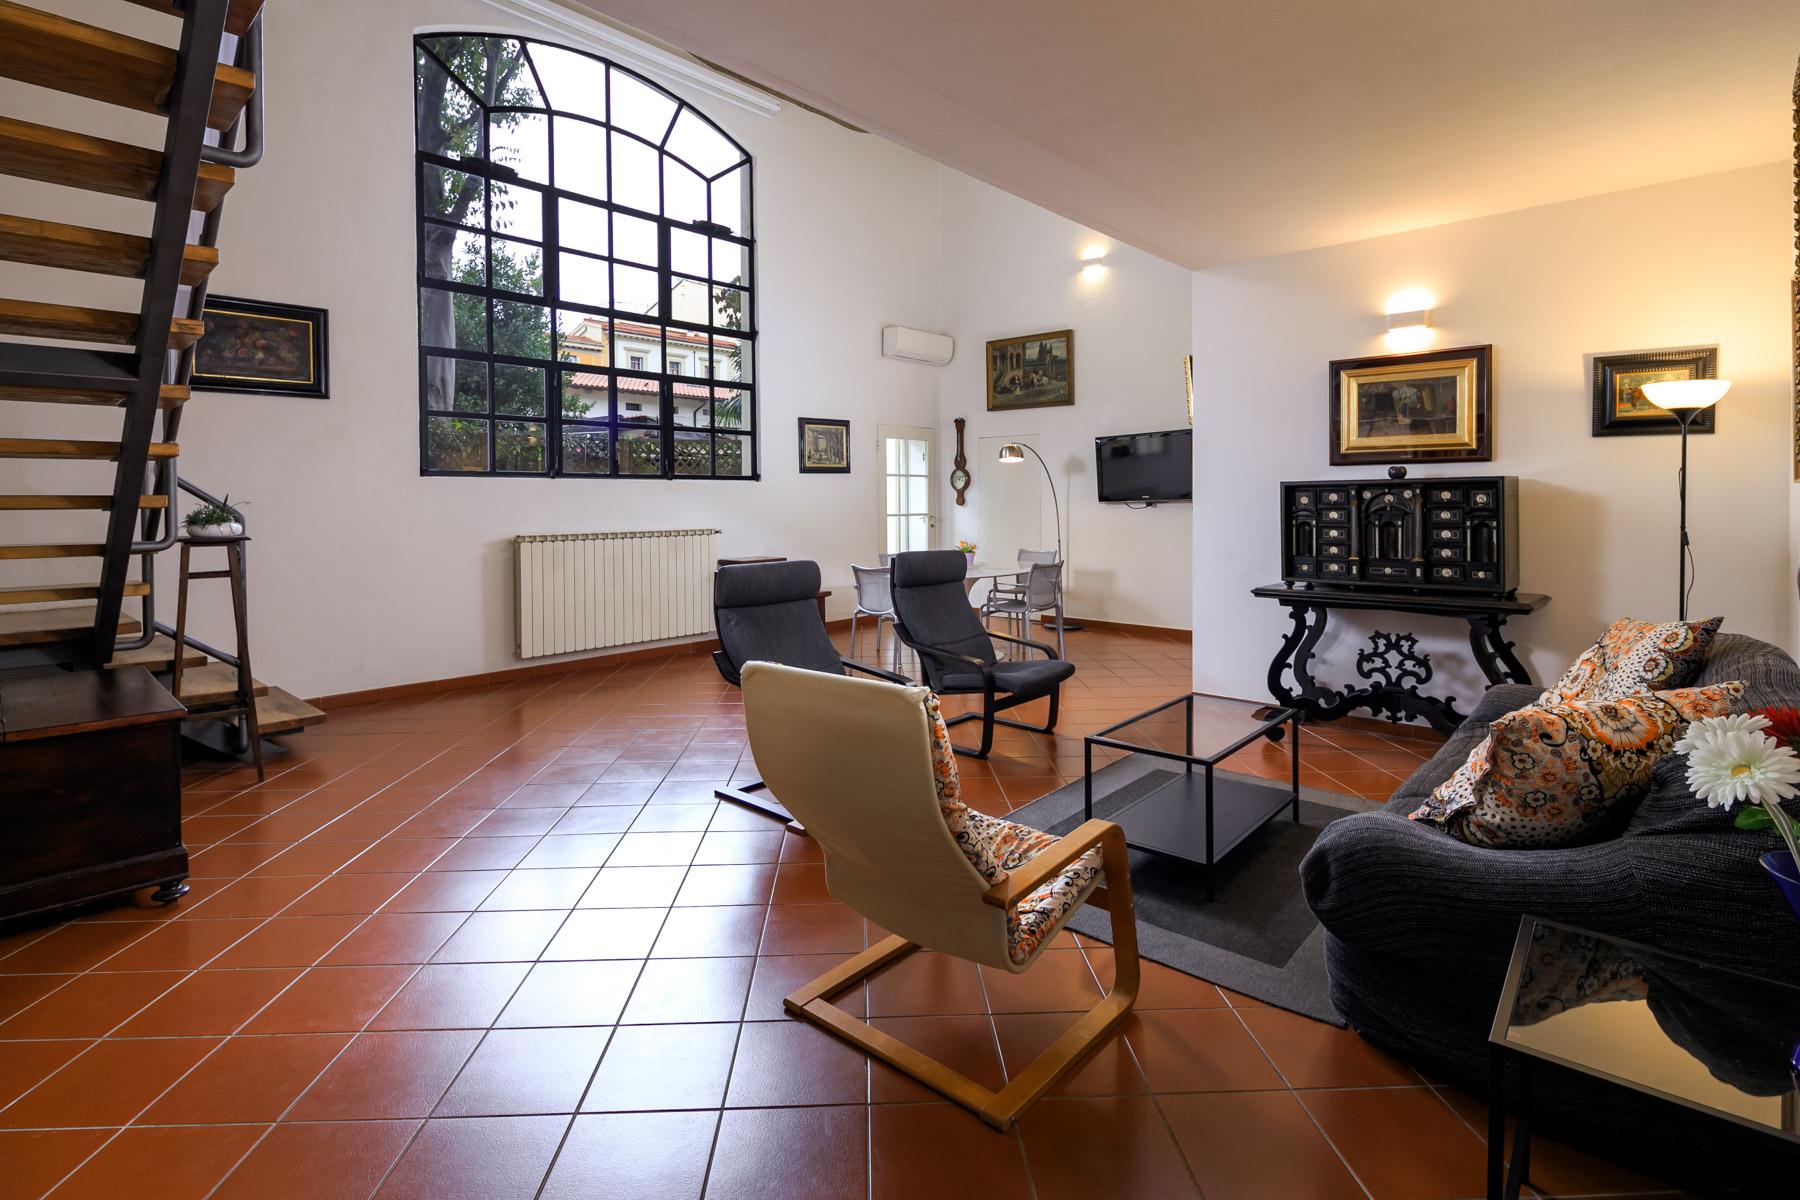 Appartamento in Vendita a Firenze: 4 locali, 149 mq - Foto 3